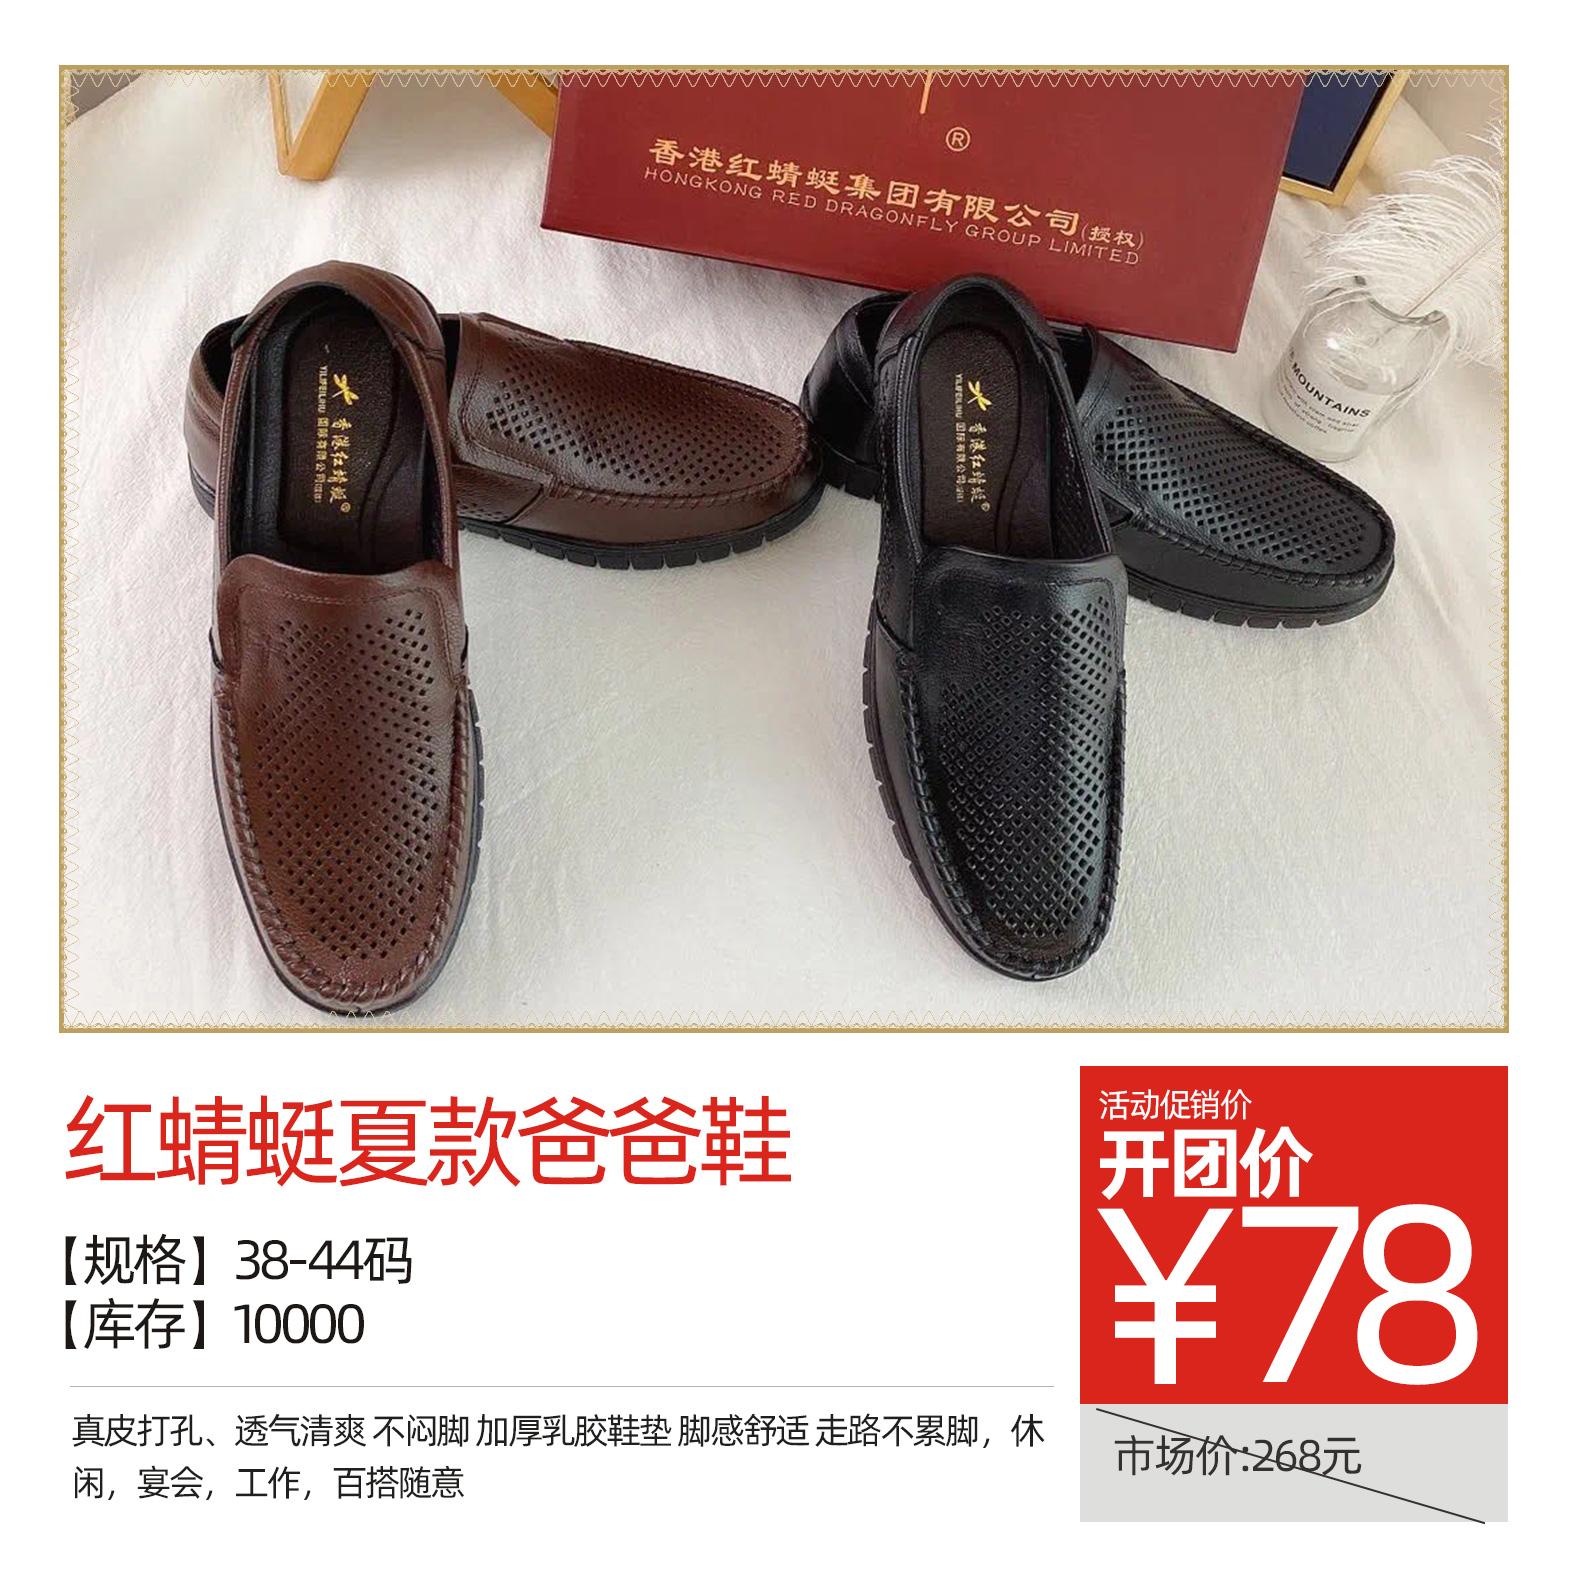 红蜻蜓夏款爸爸鞋